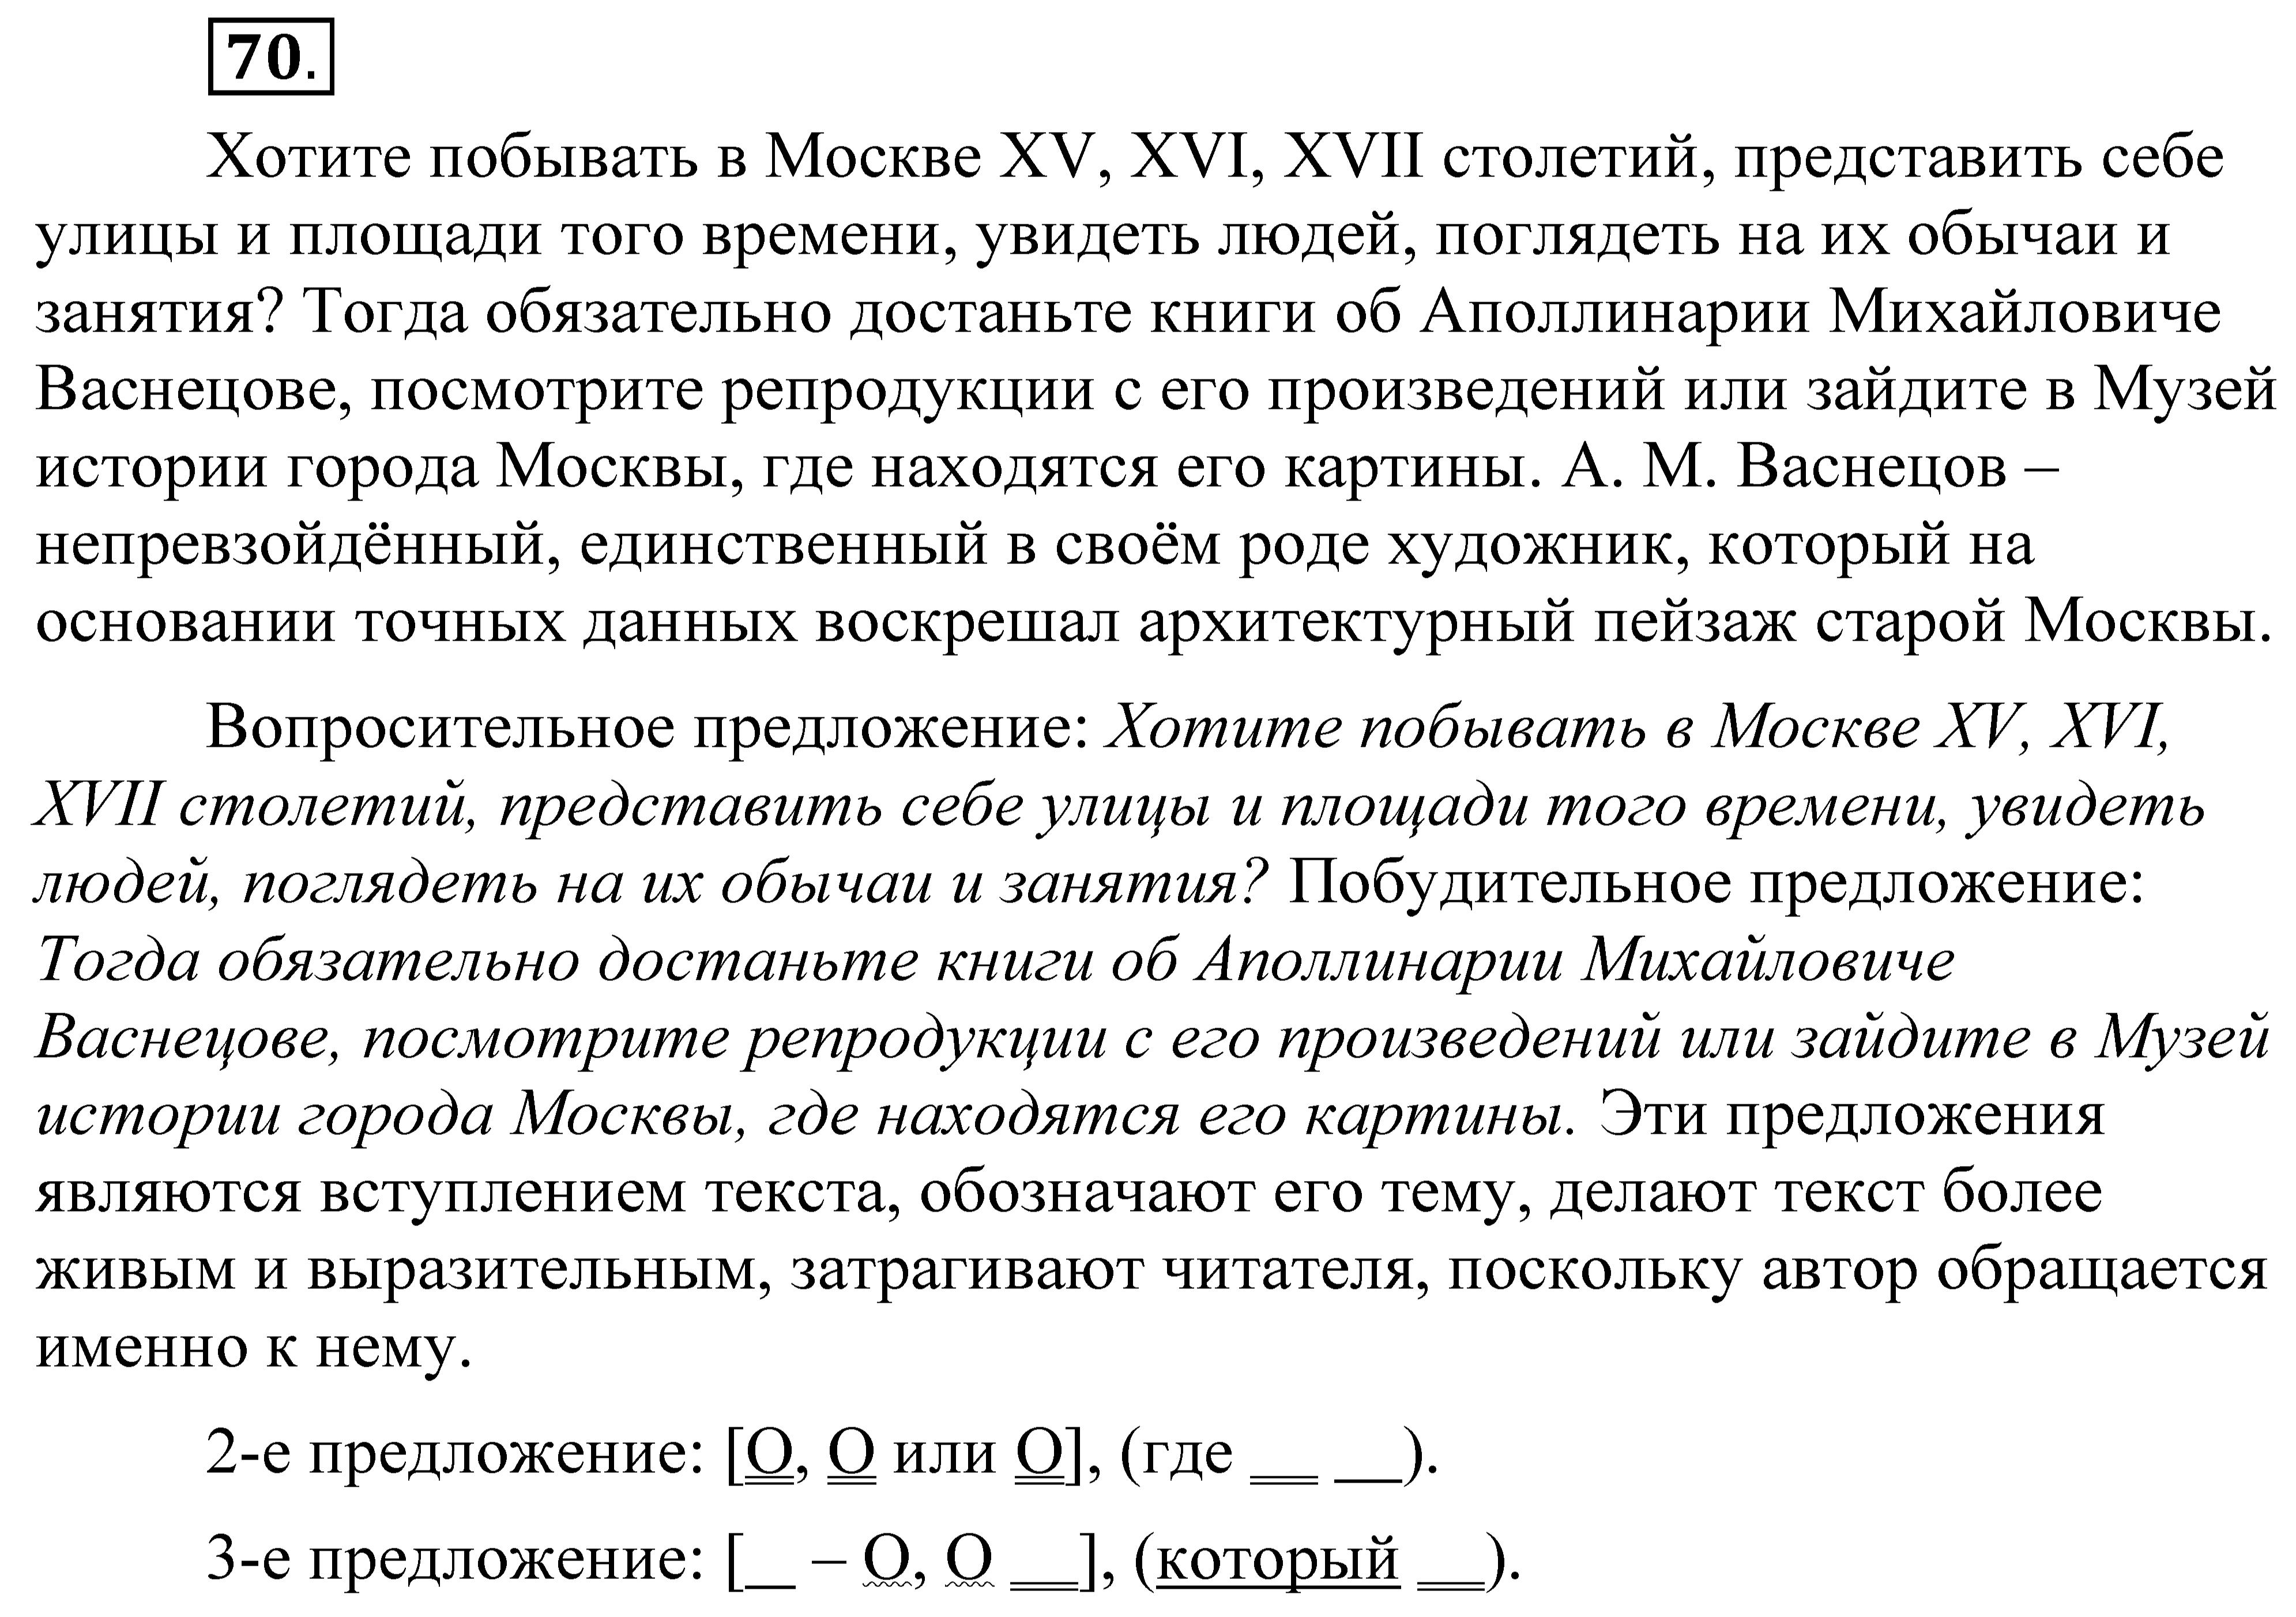 Домашнее задание по русскому языку 8 класс дрофа